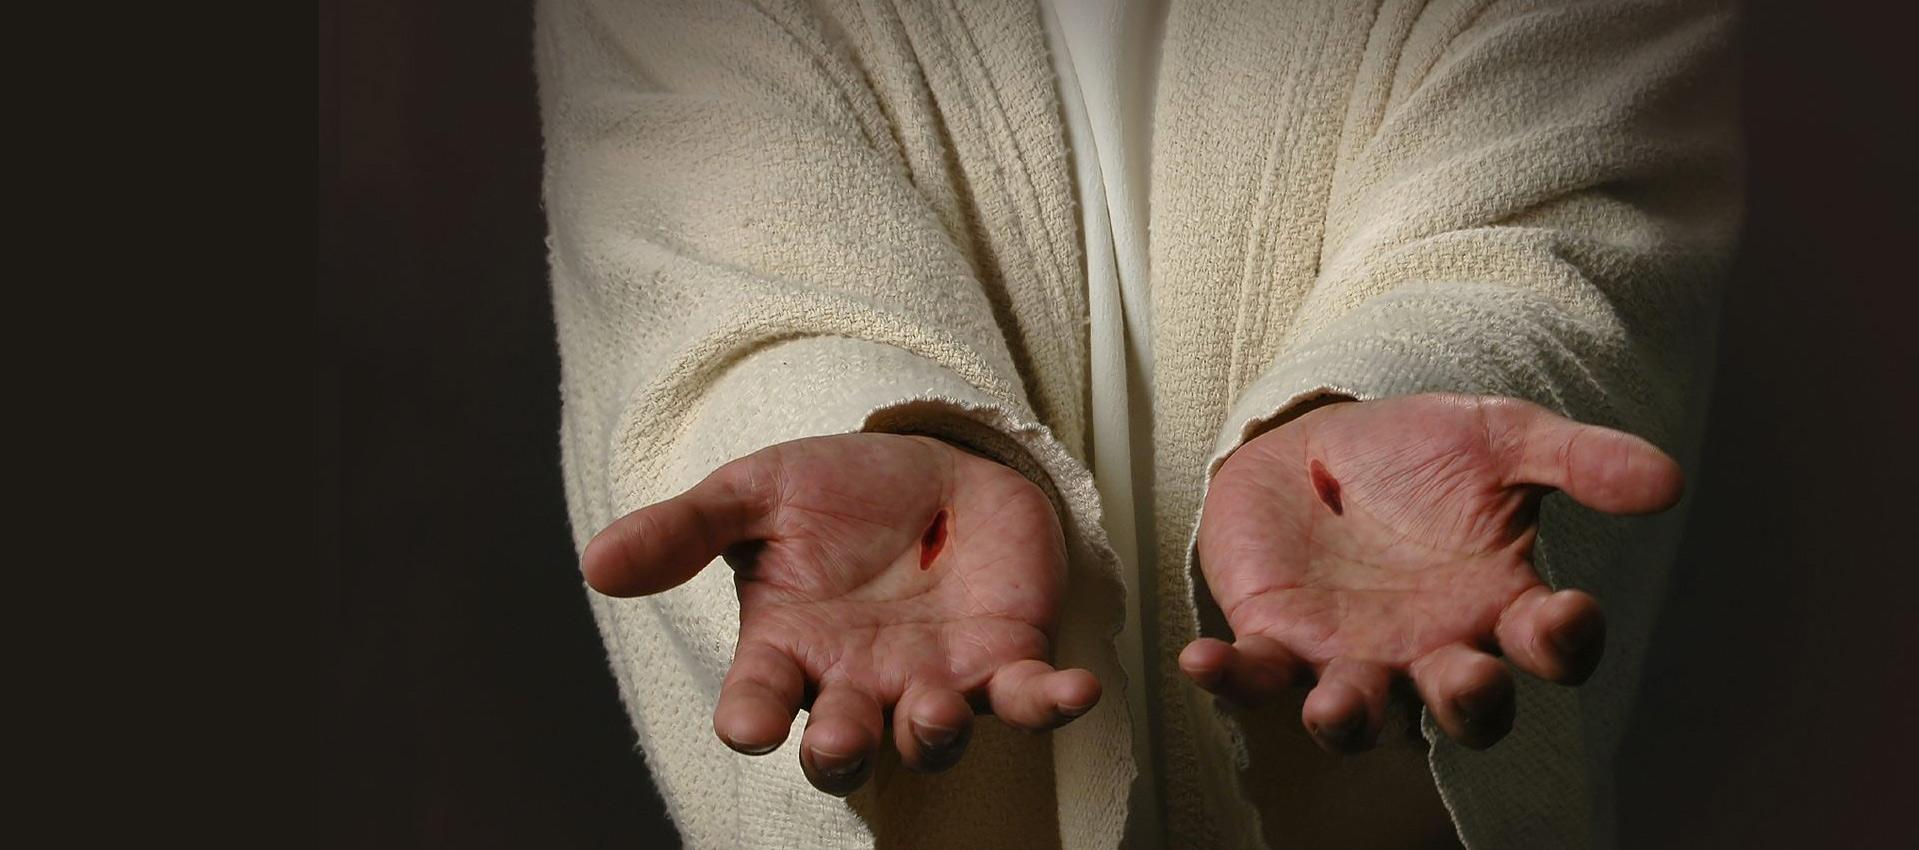 PastoralSJ - orar - Alma de Cristo